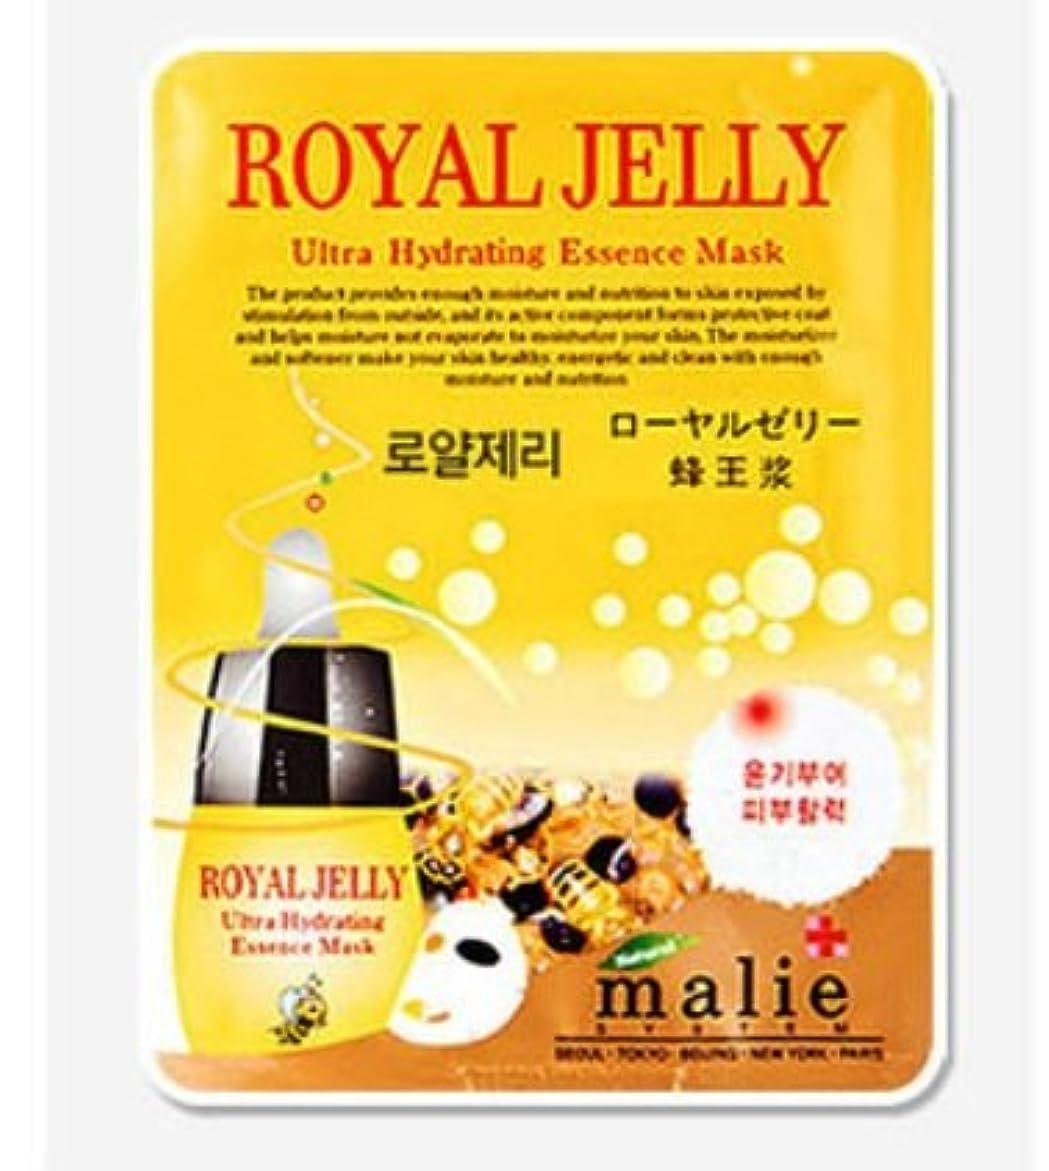 埋め込む豊かにする利用可能[MALIE] まりえローヤルゼリーウルトラ?ハイドレーティング?エッセンスマスク25gX10枚 / Malie Royal Jelly Ultra Hydrating Essence Mask [並行輸入品]